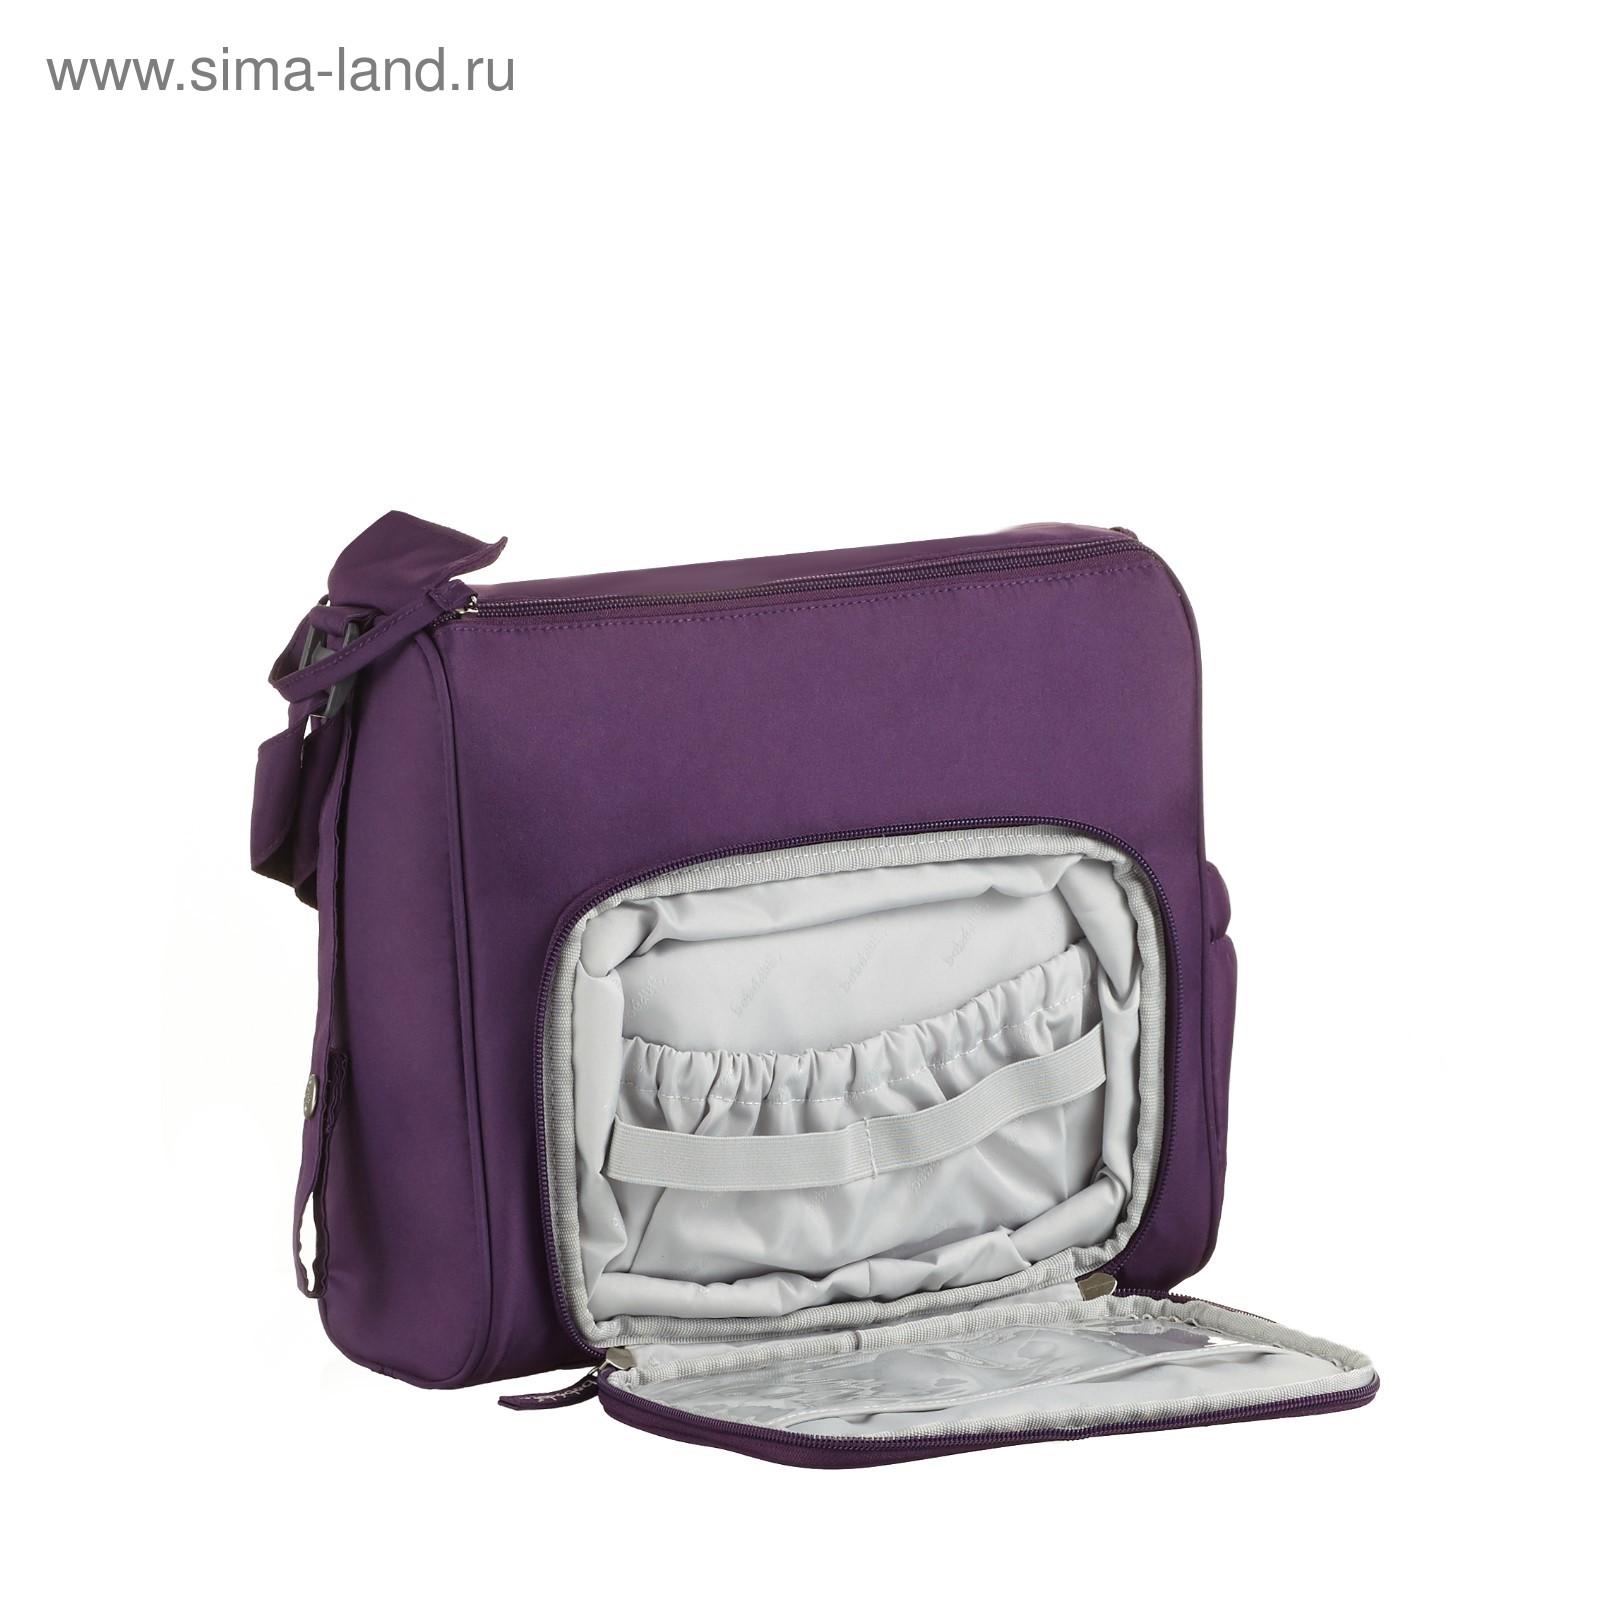 c8e898013d21 Сумка для мамы Bebe Due PB VIOLET, фиолетовая (3871202) - Купить по ...